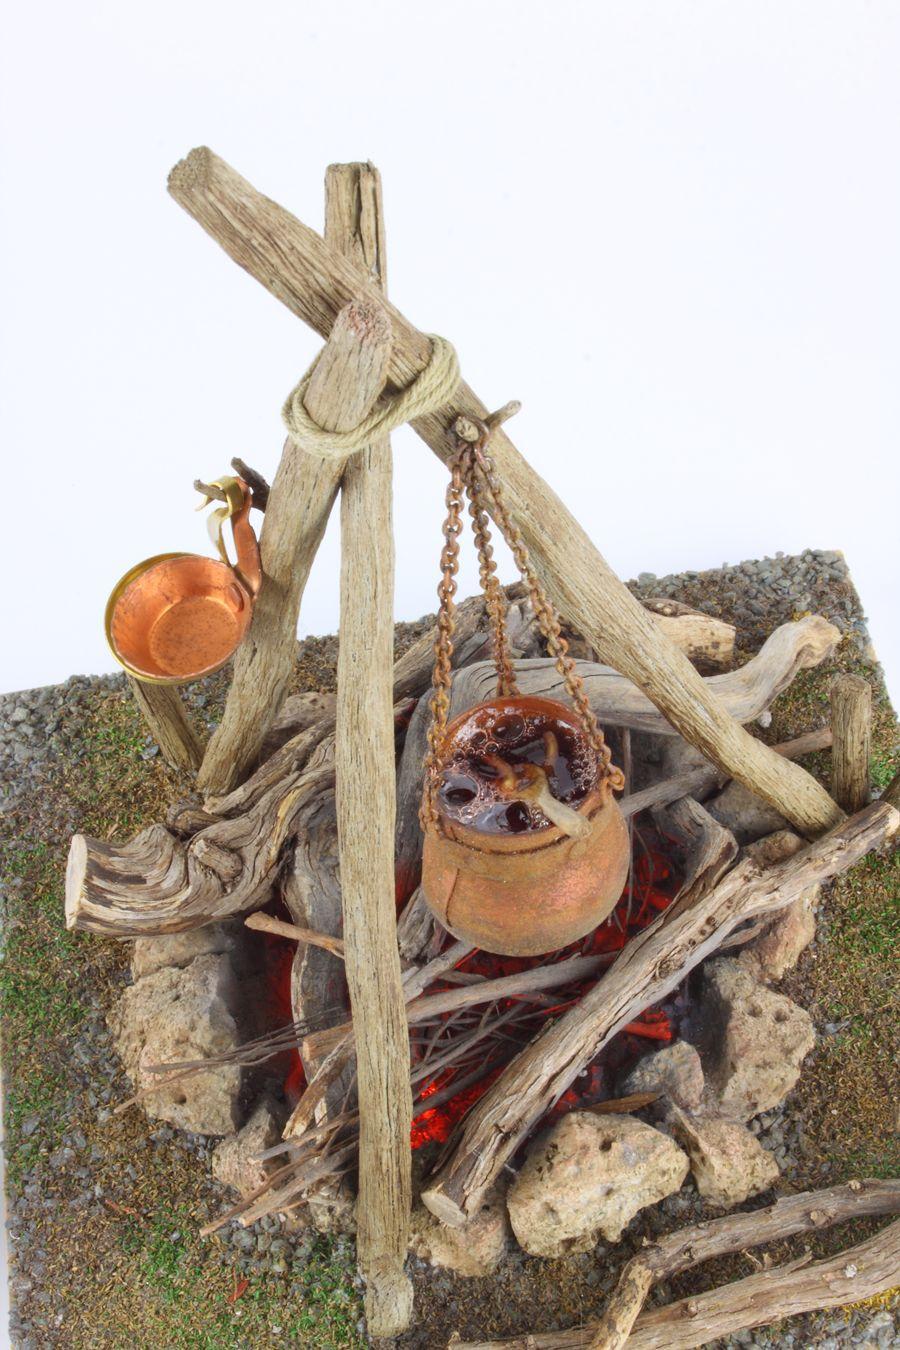 La fogata de los pastores de Belén. #belenes #miniaturas #weihnachtenholz